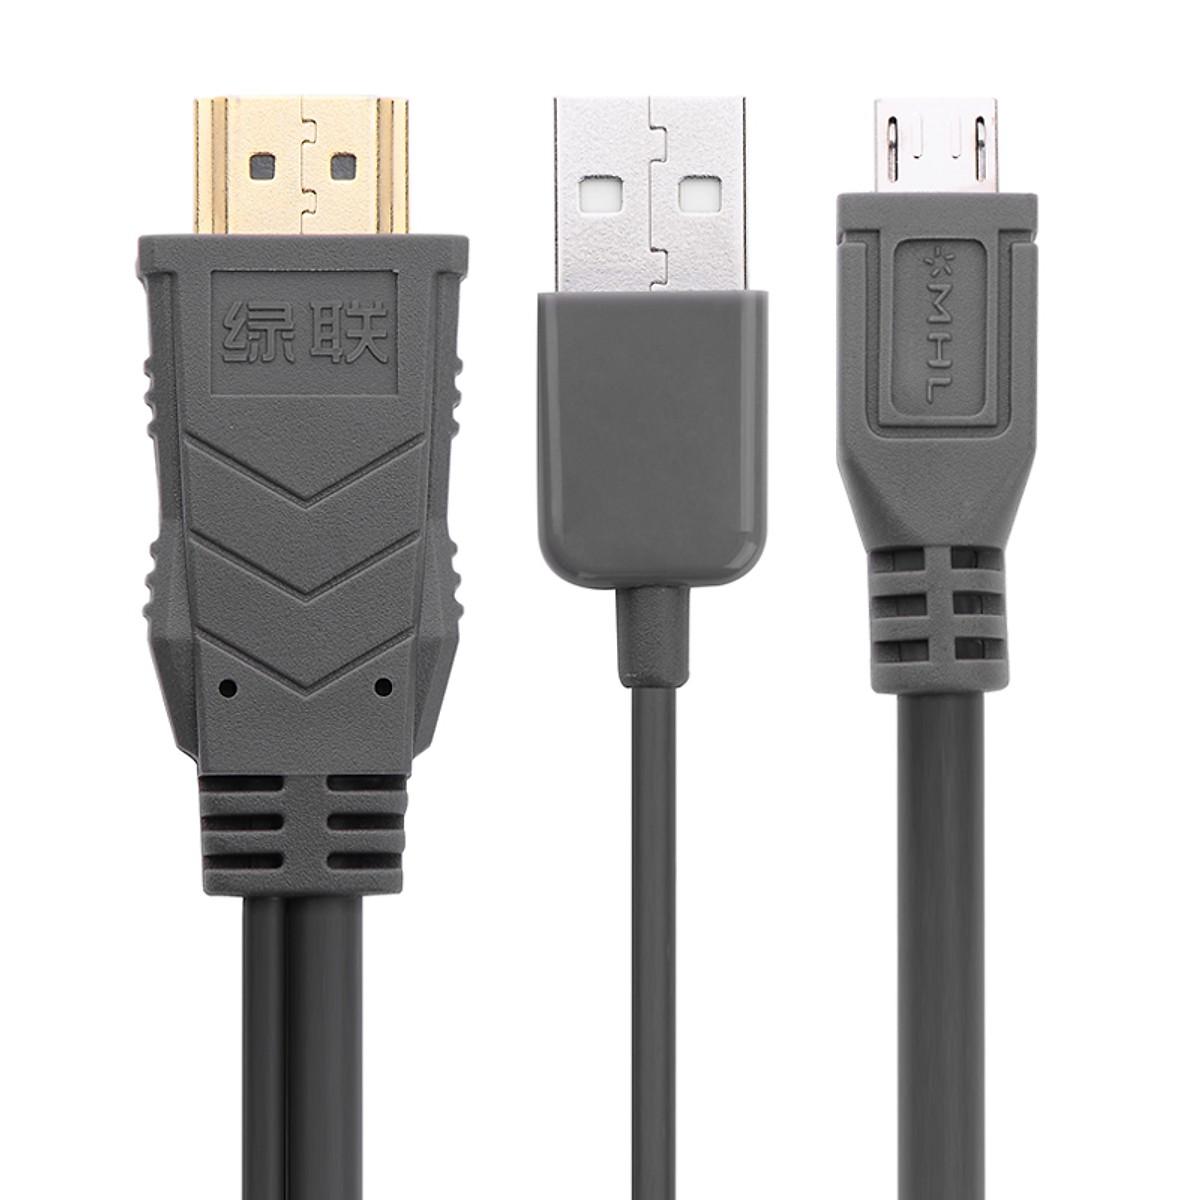 2M CáP Mhl Micro 5Pin To Hdmi Cable Đen 20133 - 20133 Ugreen - Hàng Chính Hãng